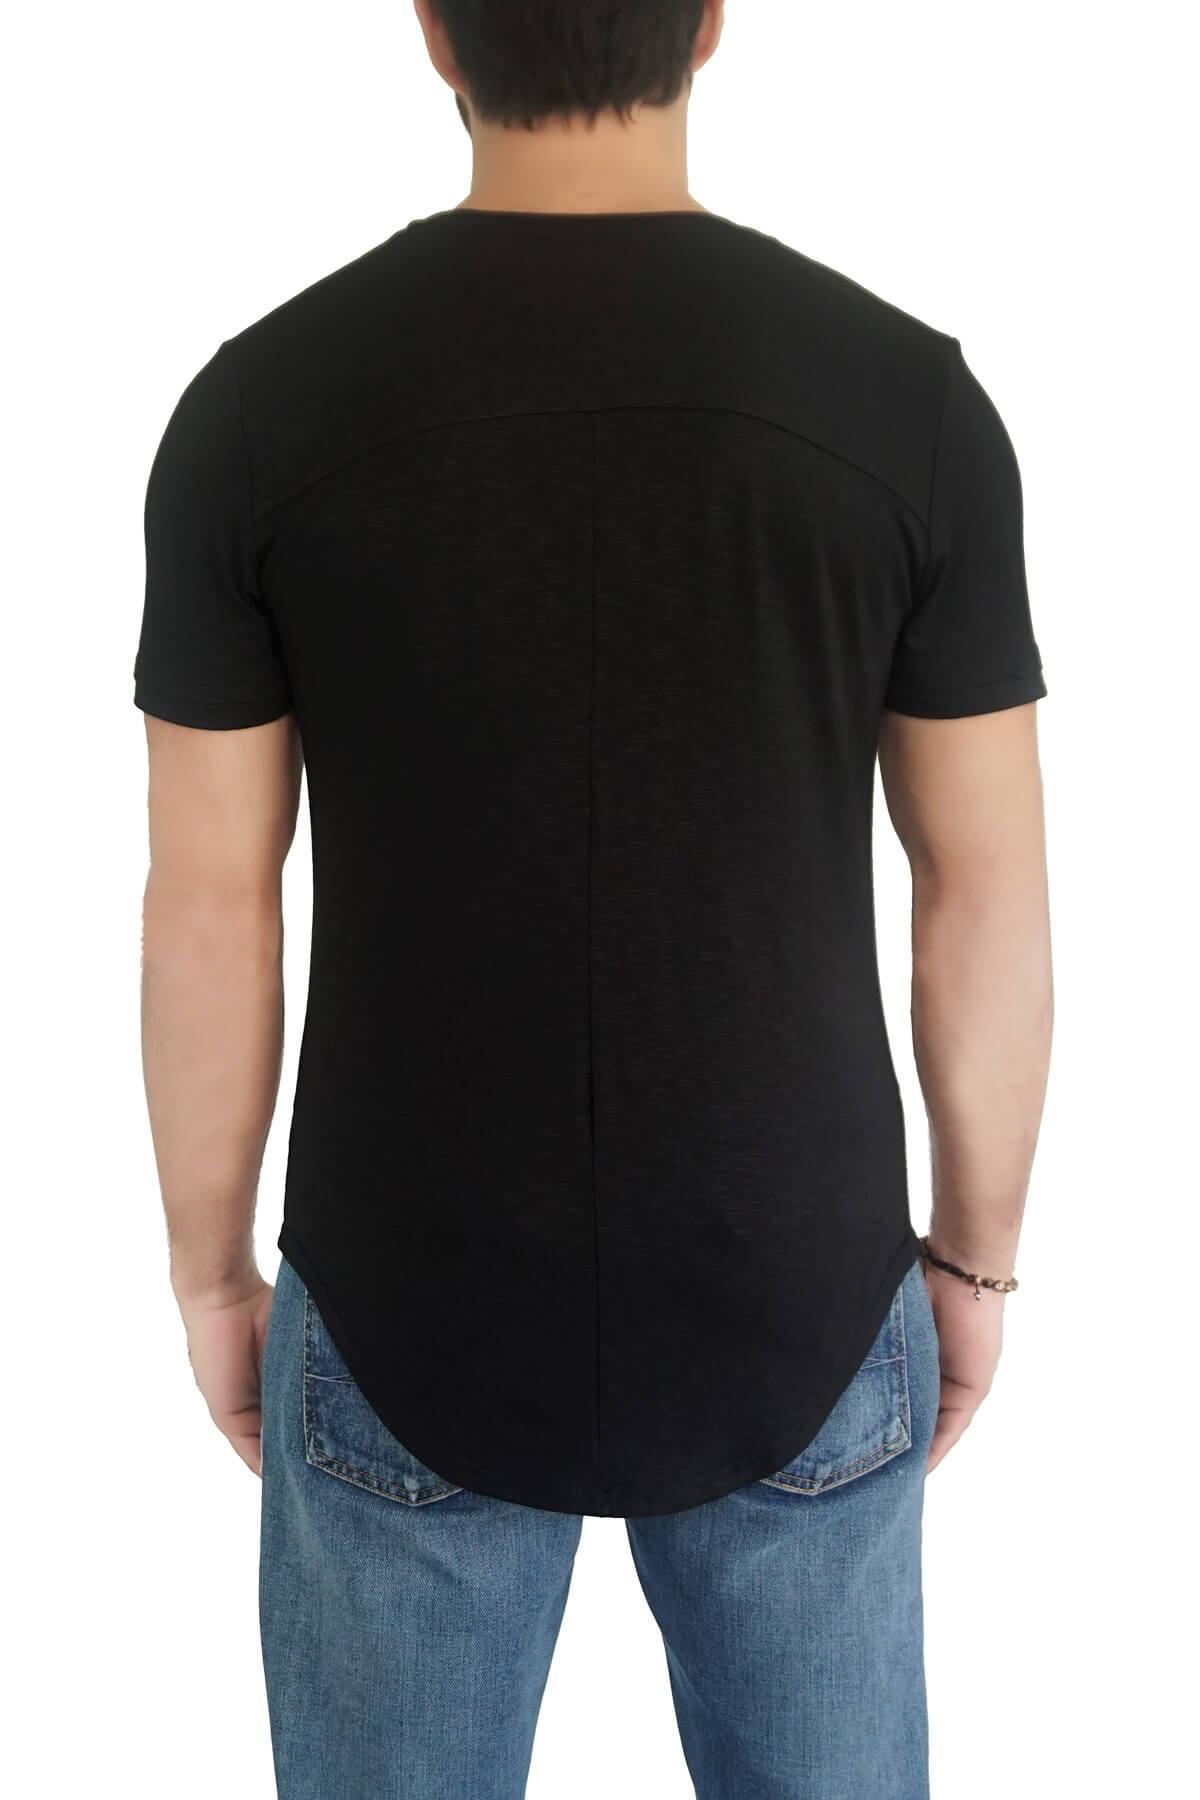 MOF Erkek Siyah T-Shirt SYÇKOET-S 2